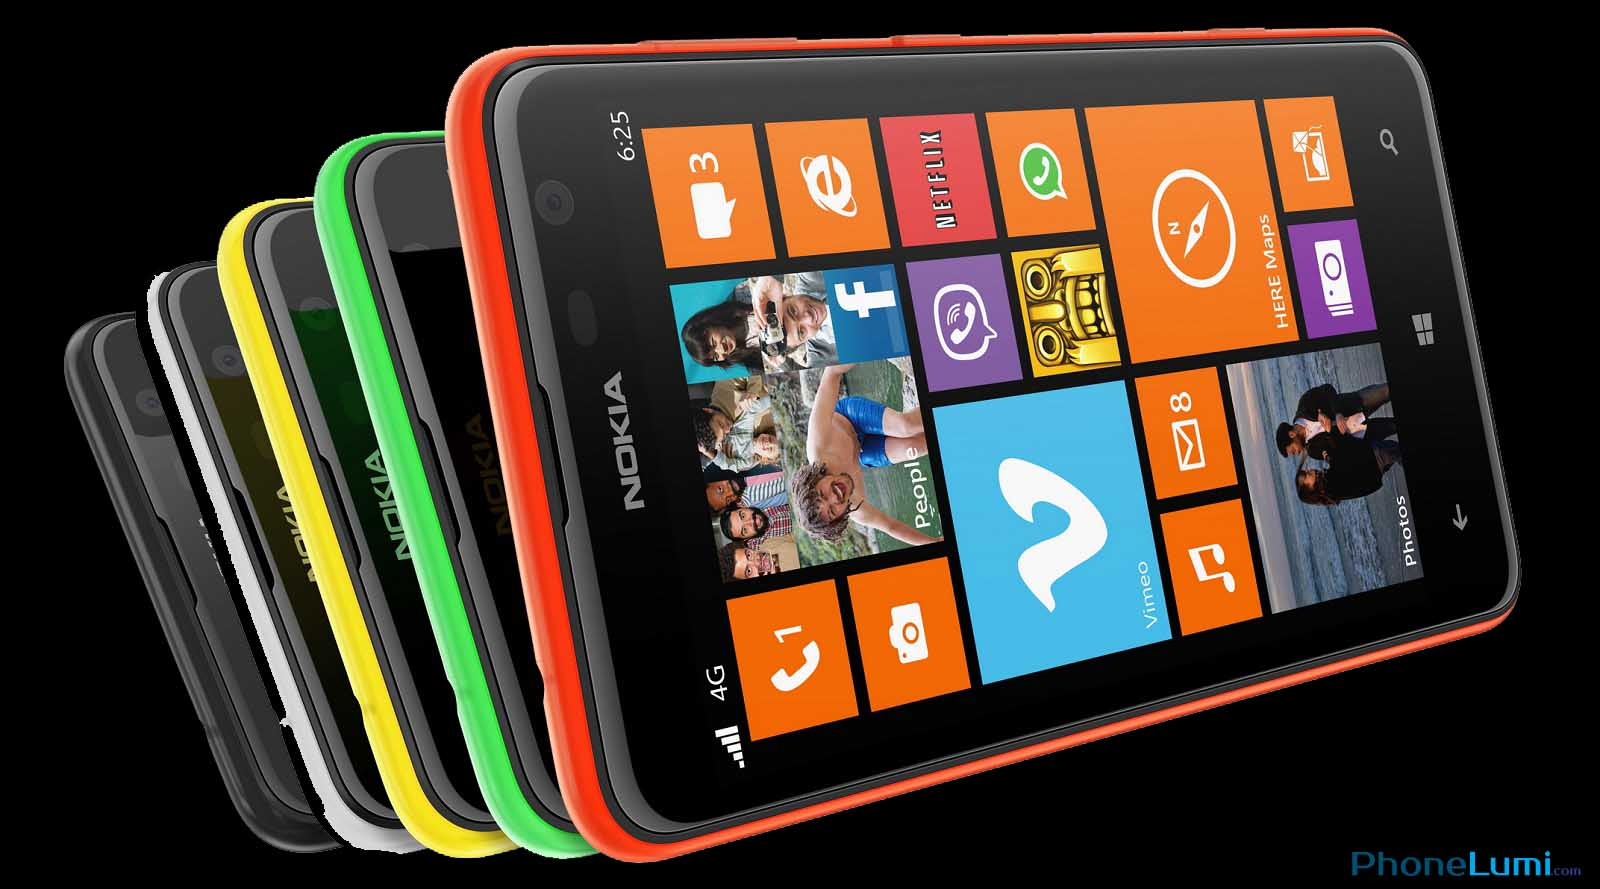 Slot Spiele Gratis Fur Nokia Lumia